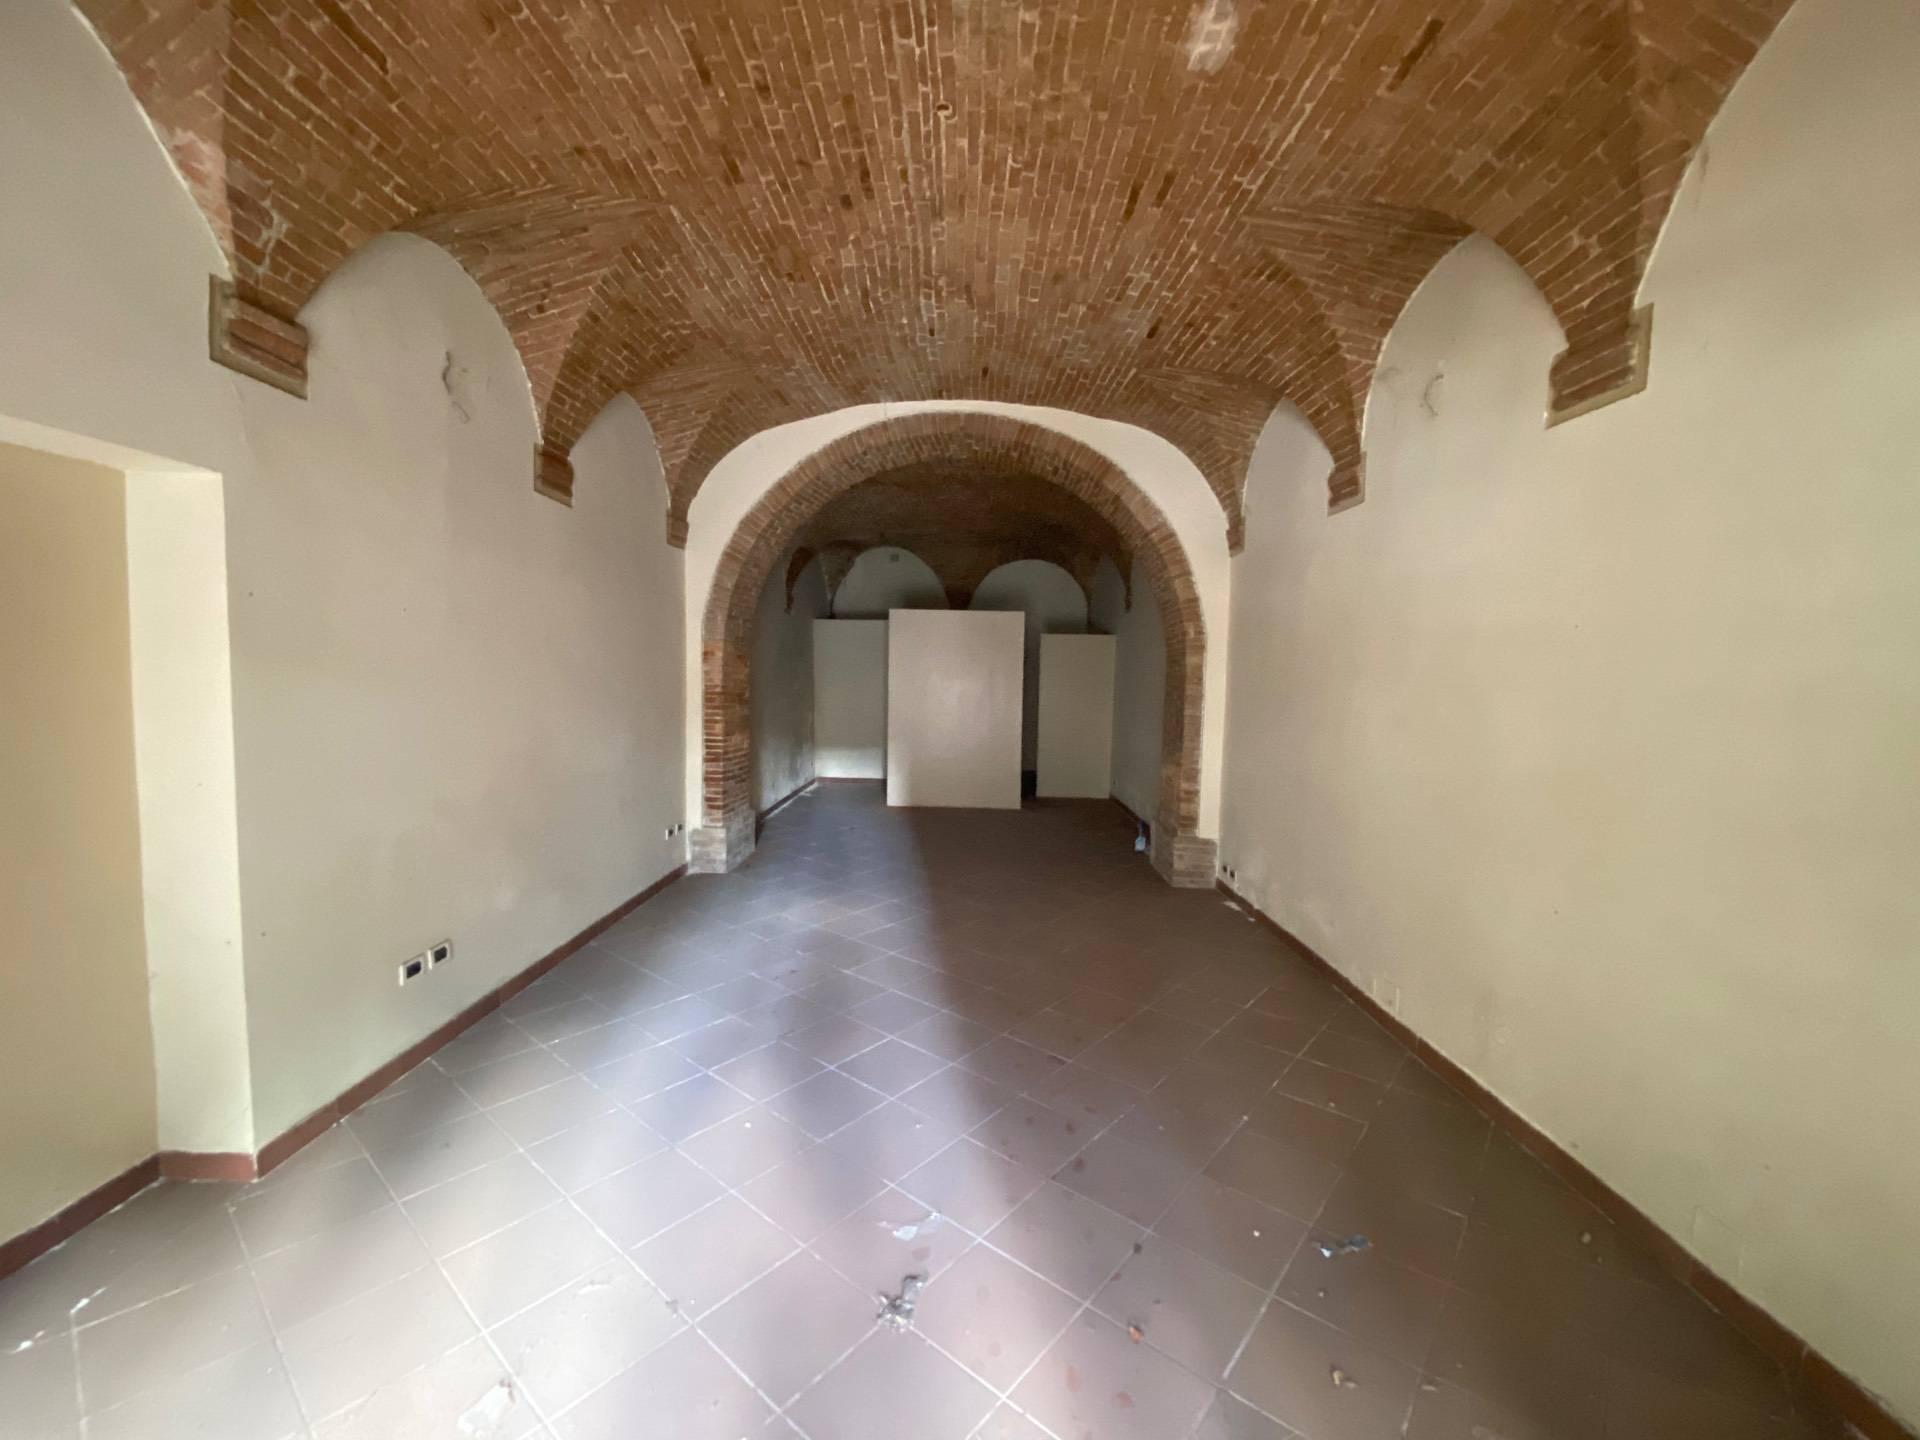 Negozio / Locale in affitto a Teramo, 9999 locali, zona Zona: Centro , prezzo € 650 | CambioCasa.it